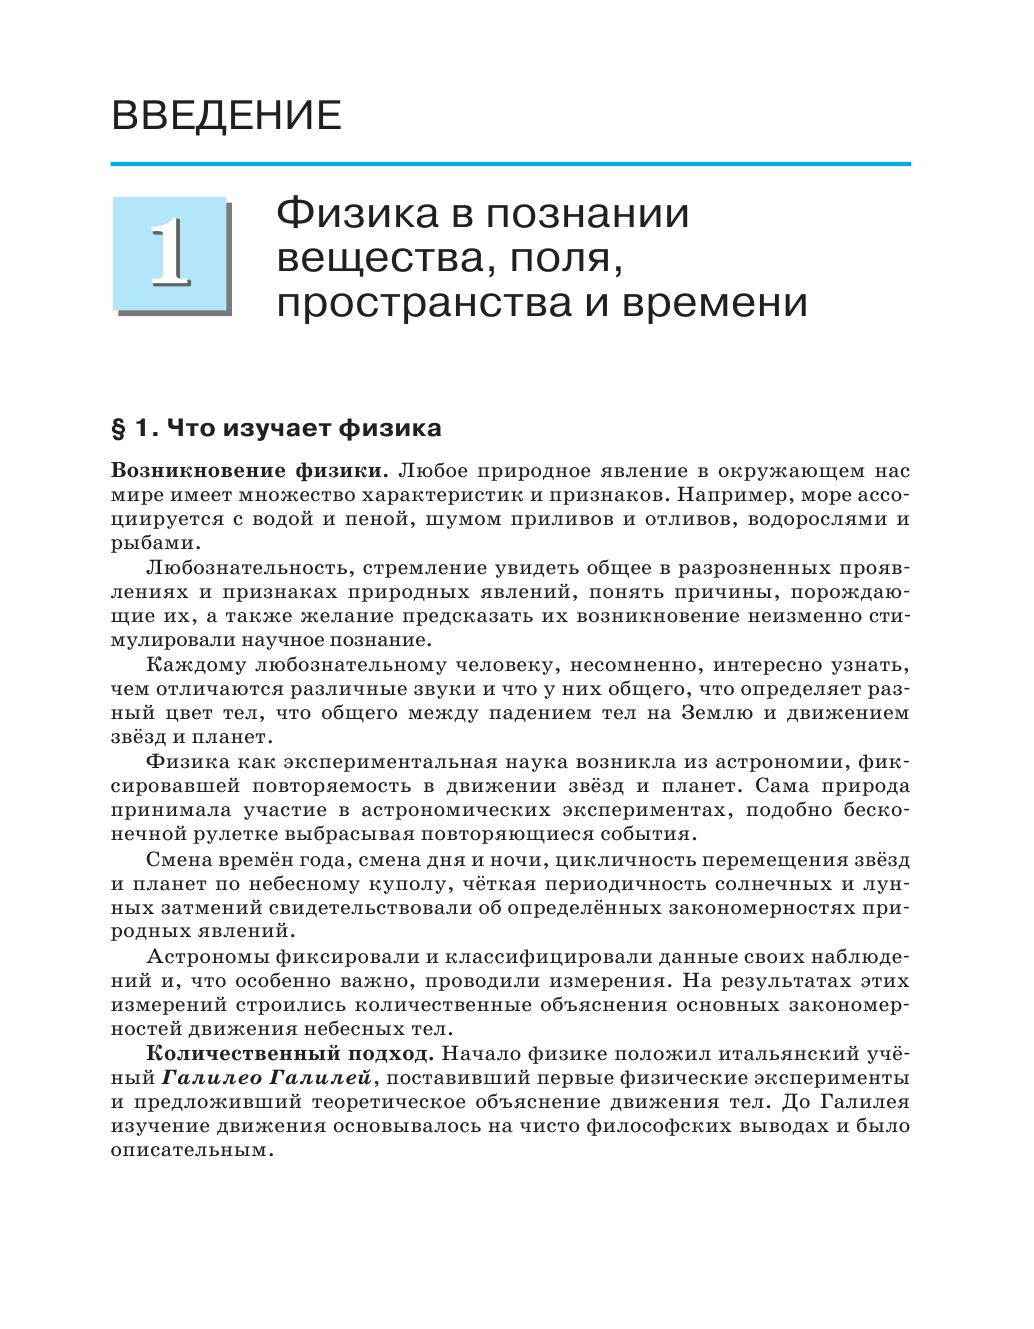 Учебники обществознания 10 класс касьянов